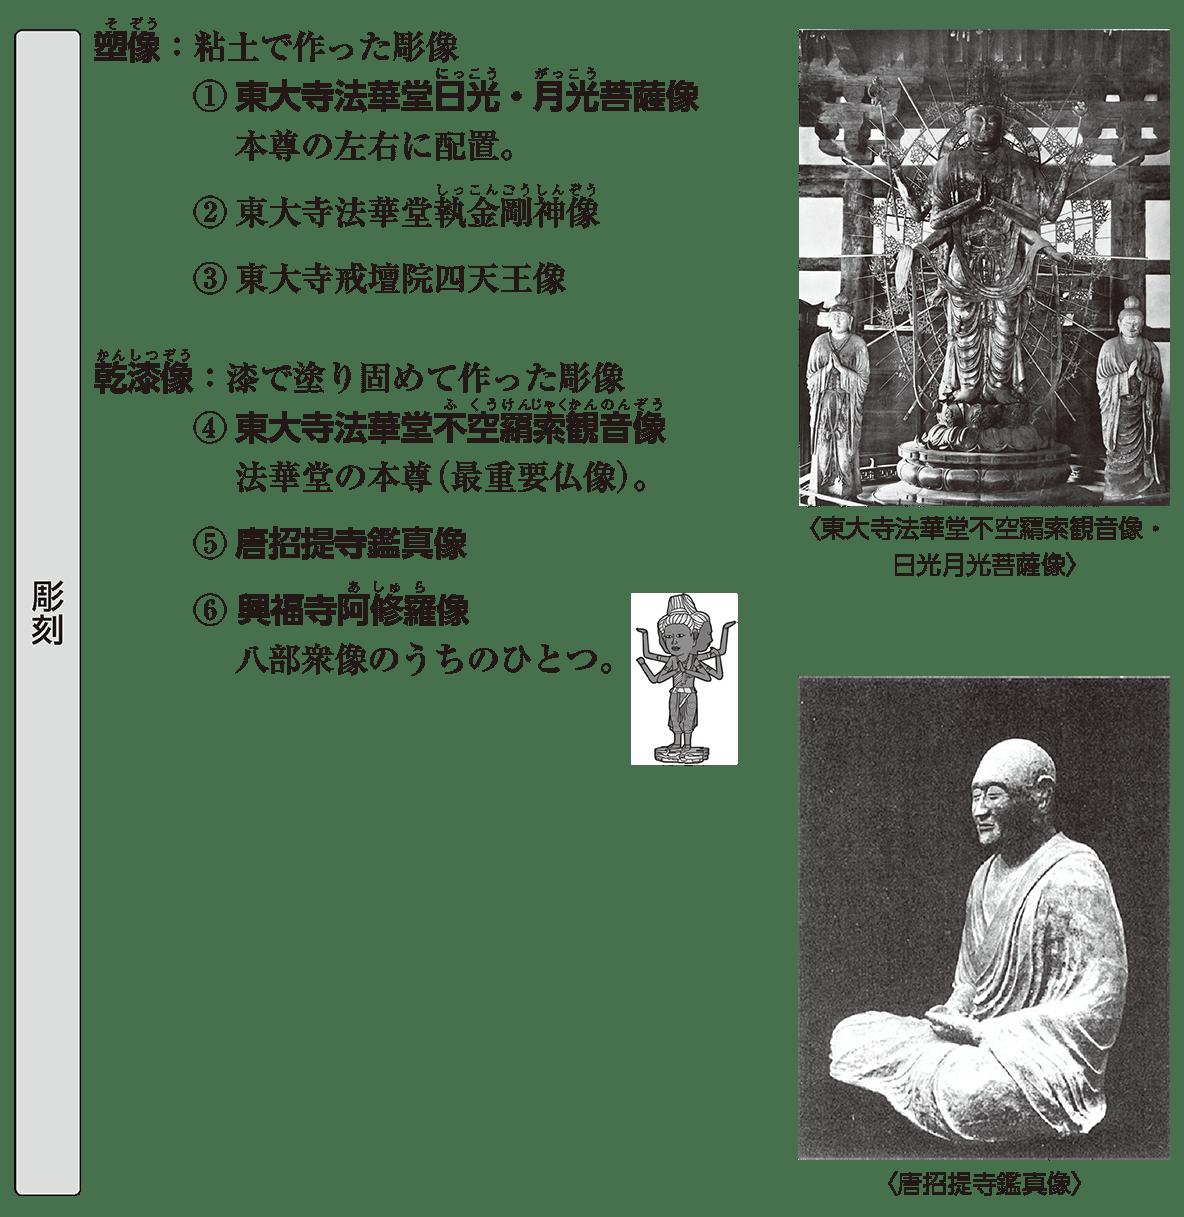 原始・古代文化10 ポイント1 彫刻